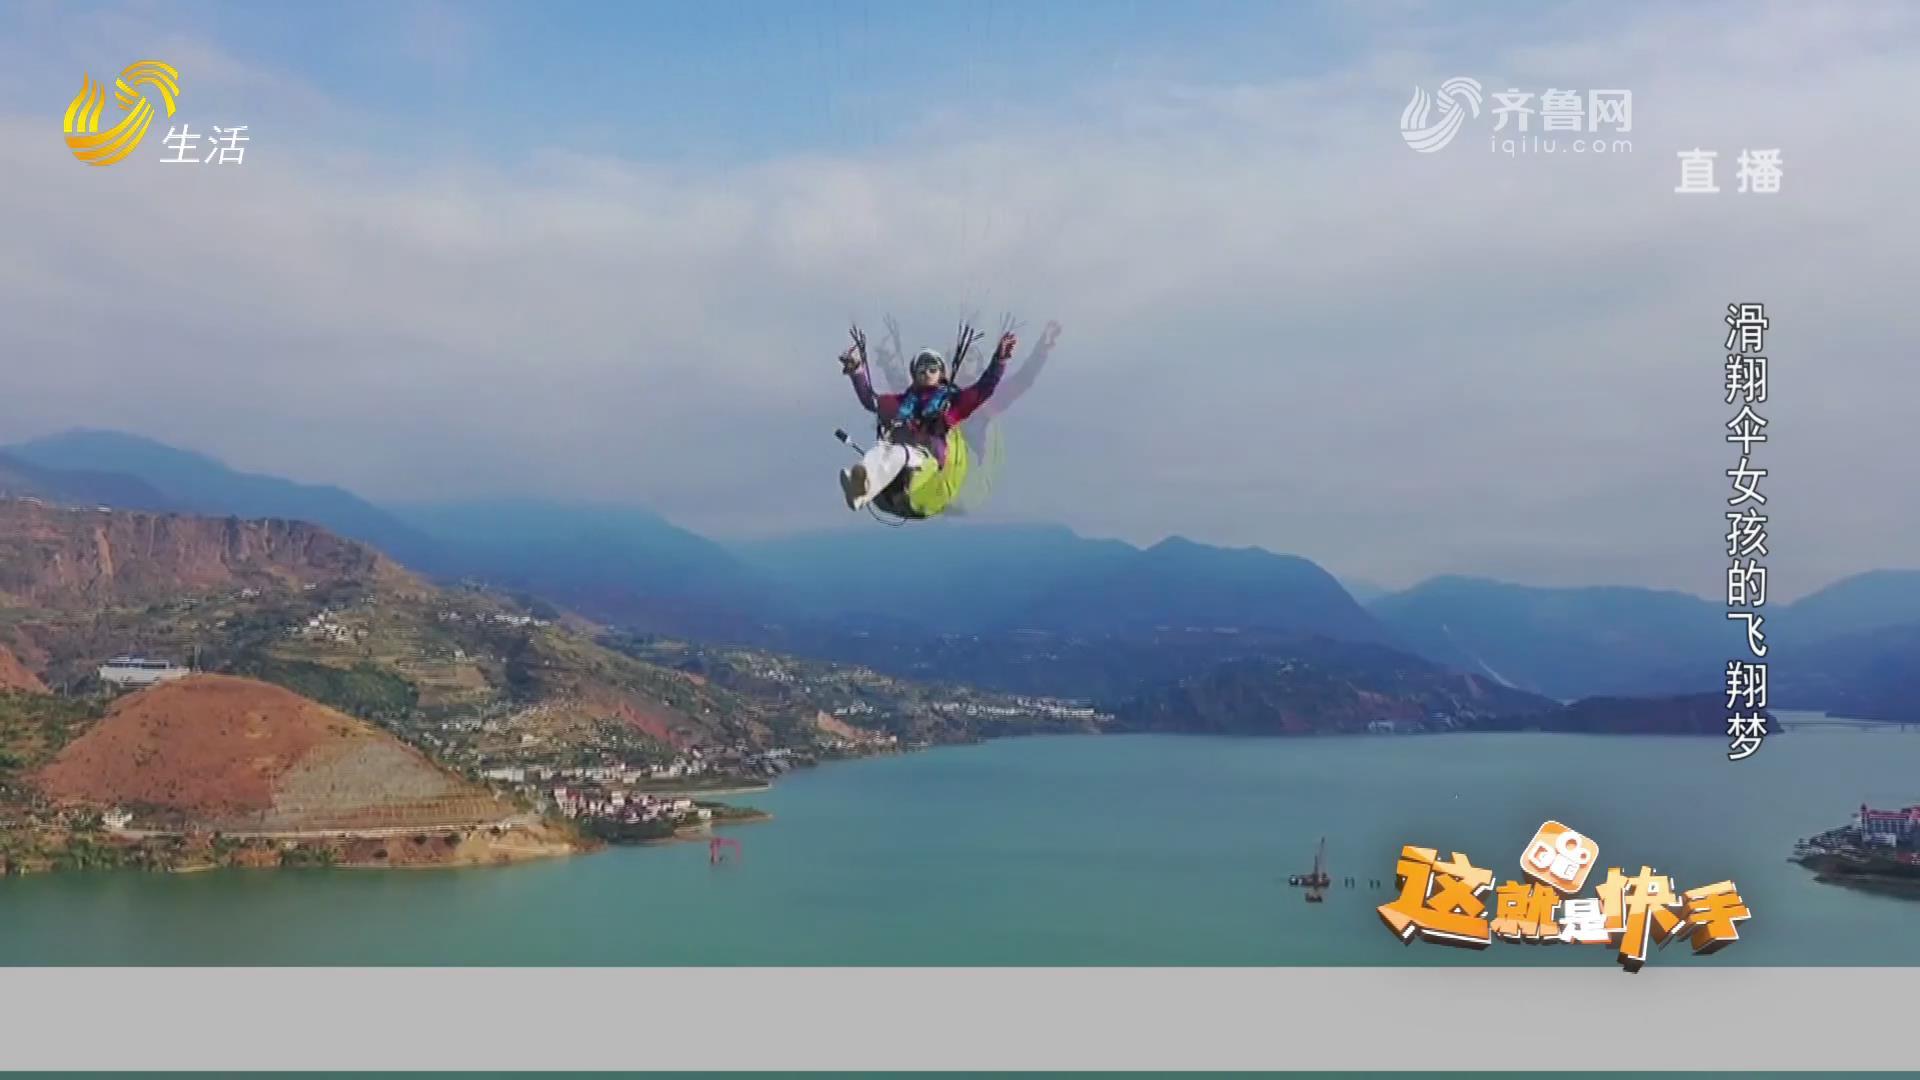 滑翔伞女孩的飞翔梦